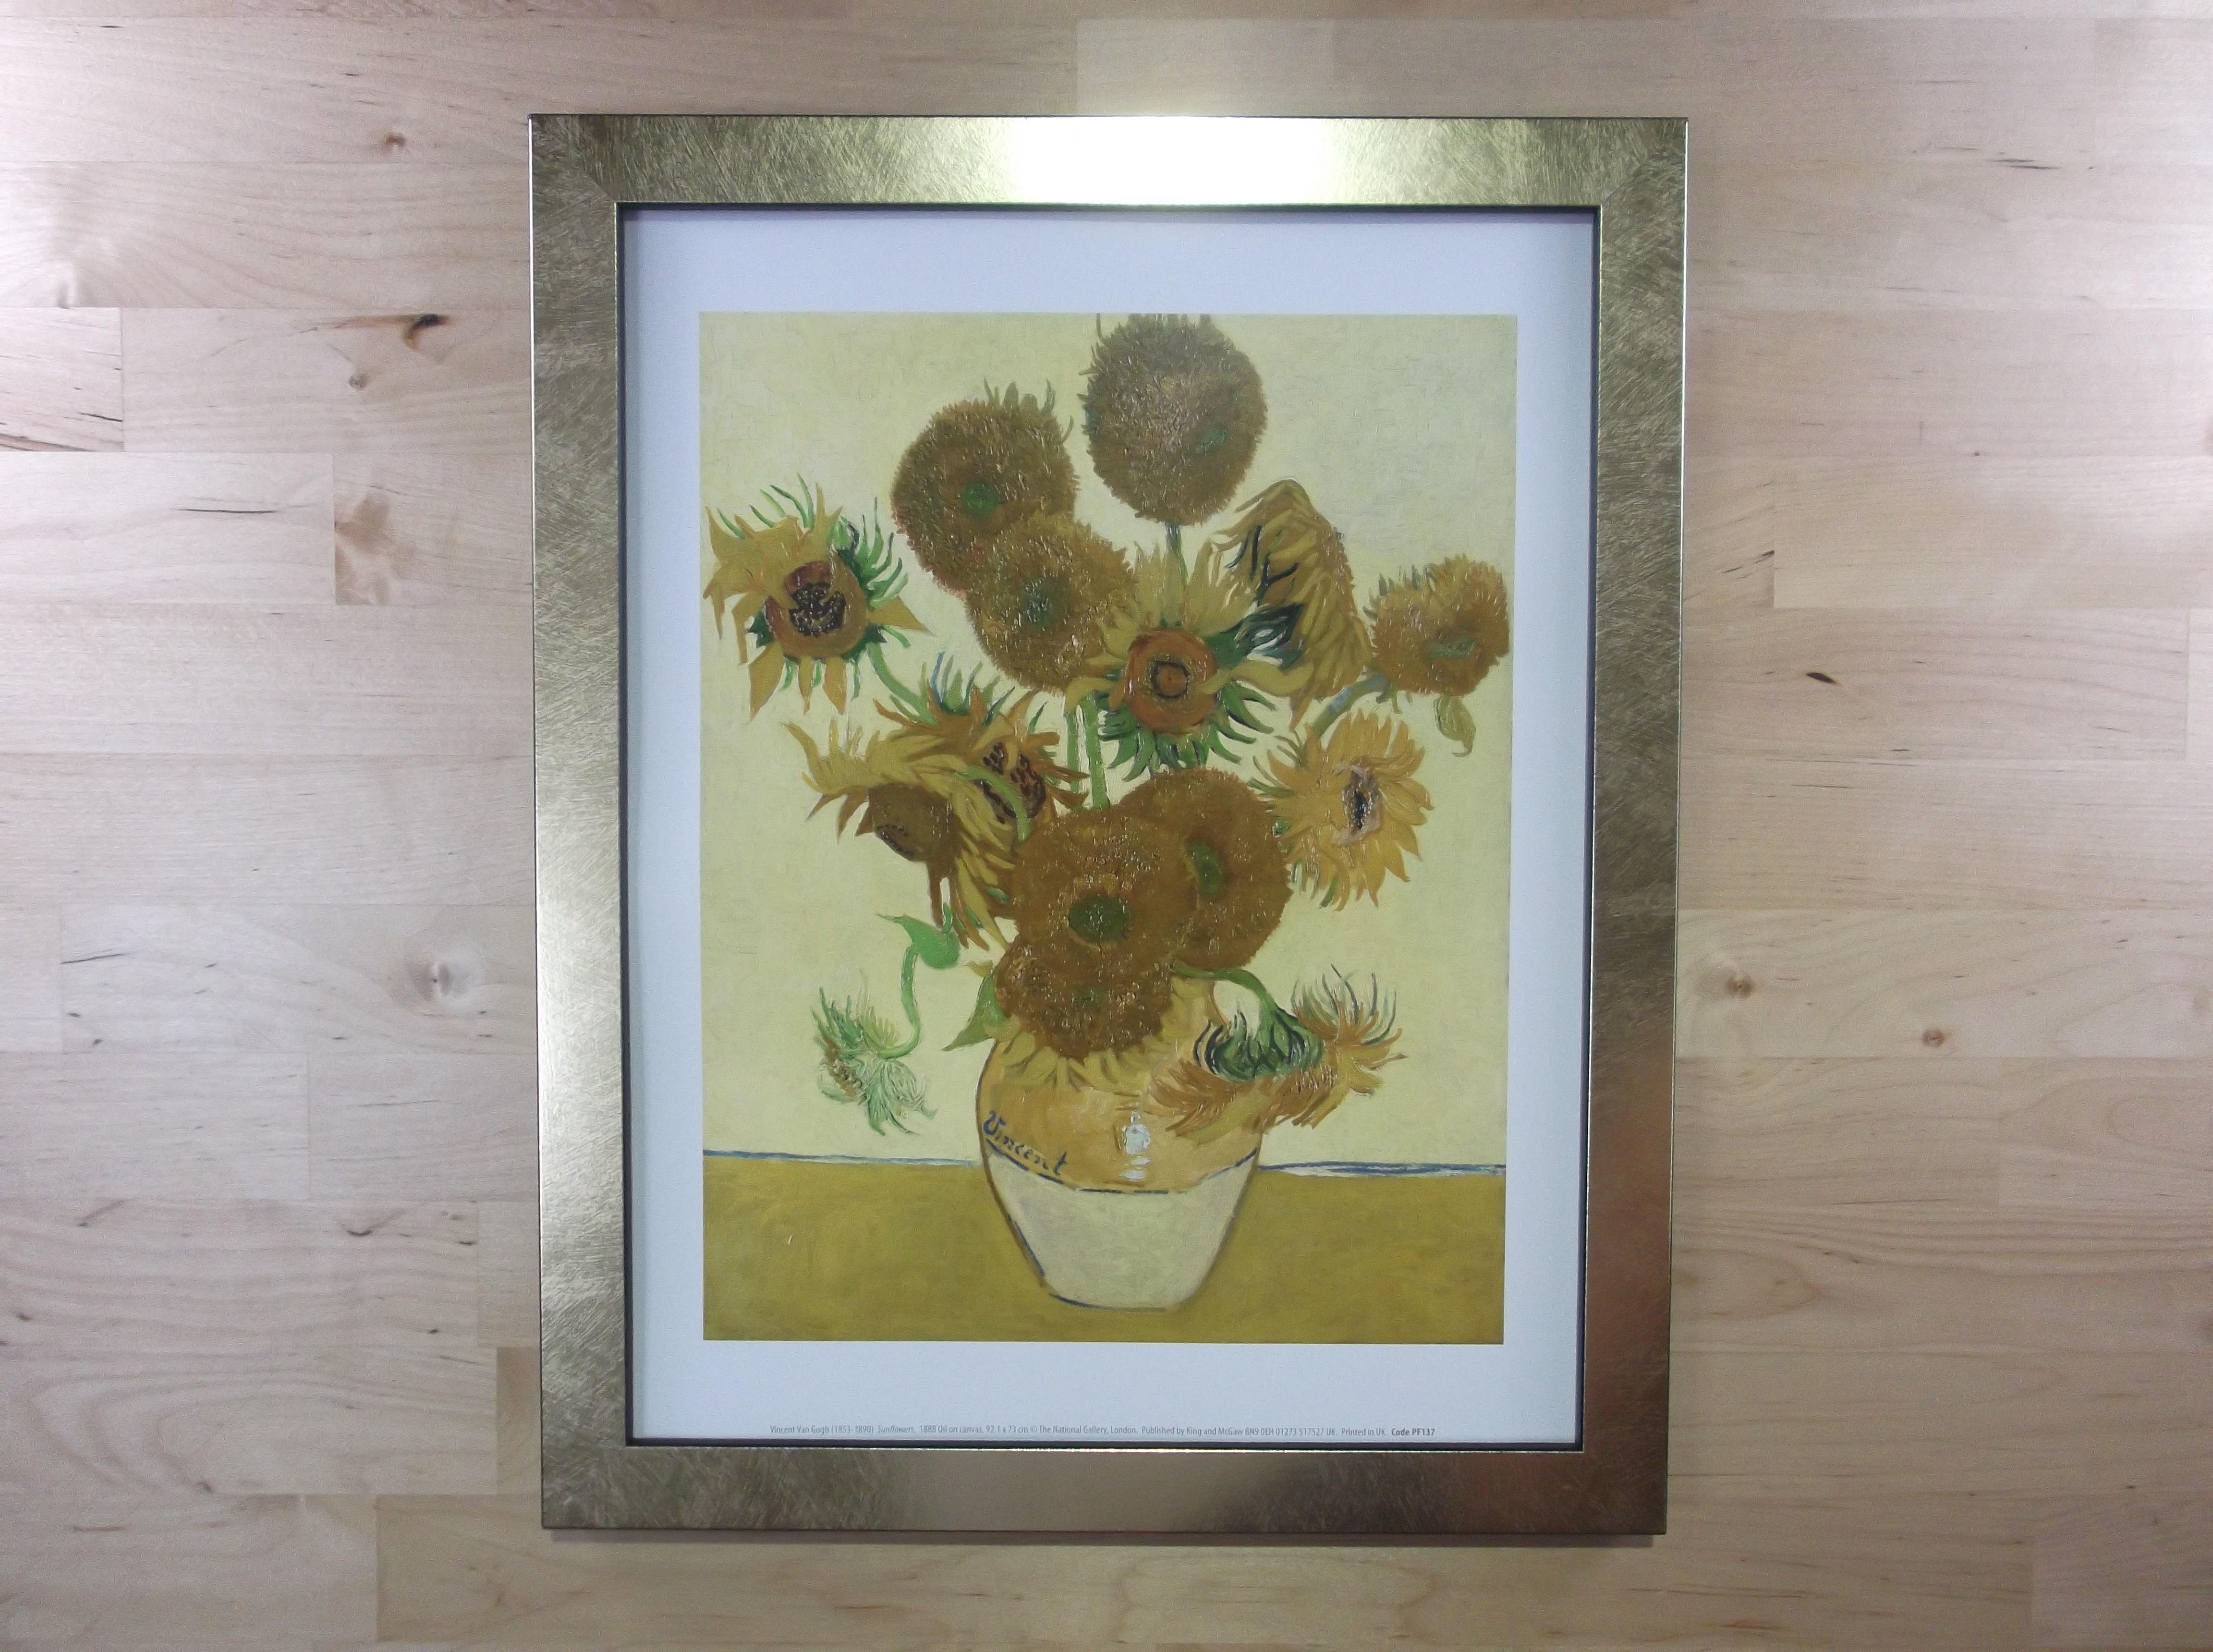 ゴッホ ひまわり ゴールド色額縁絵画プリント(ロンドン ナショナルギャラリー所蔵)